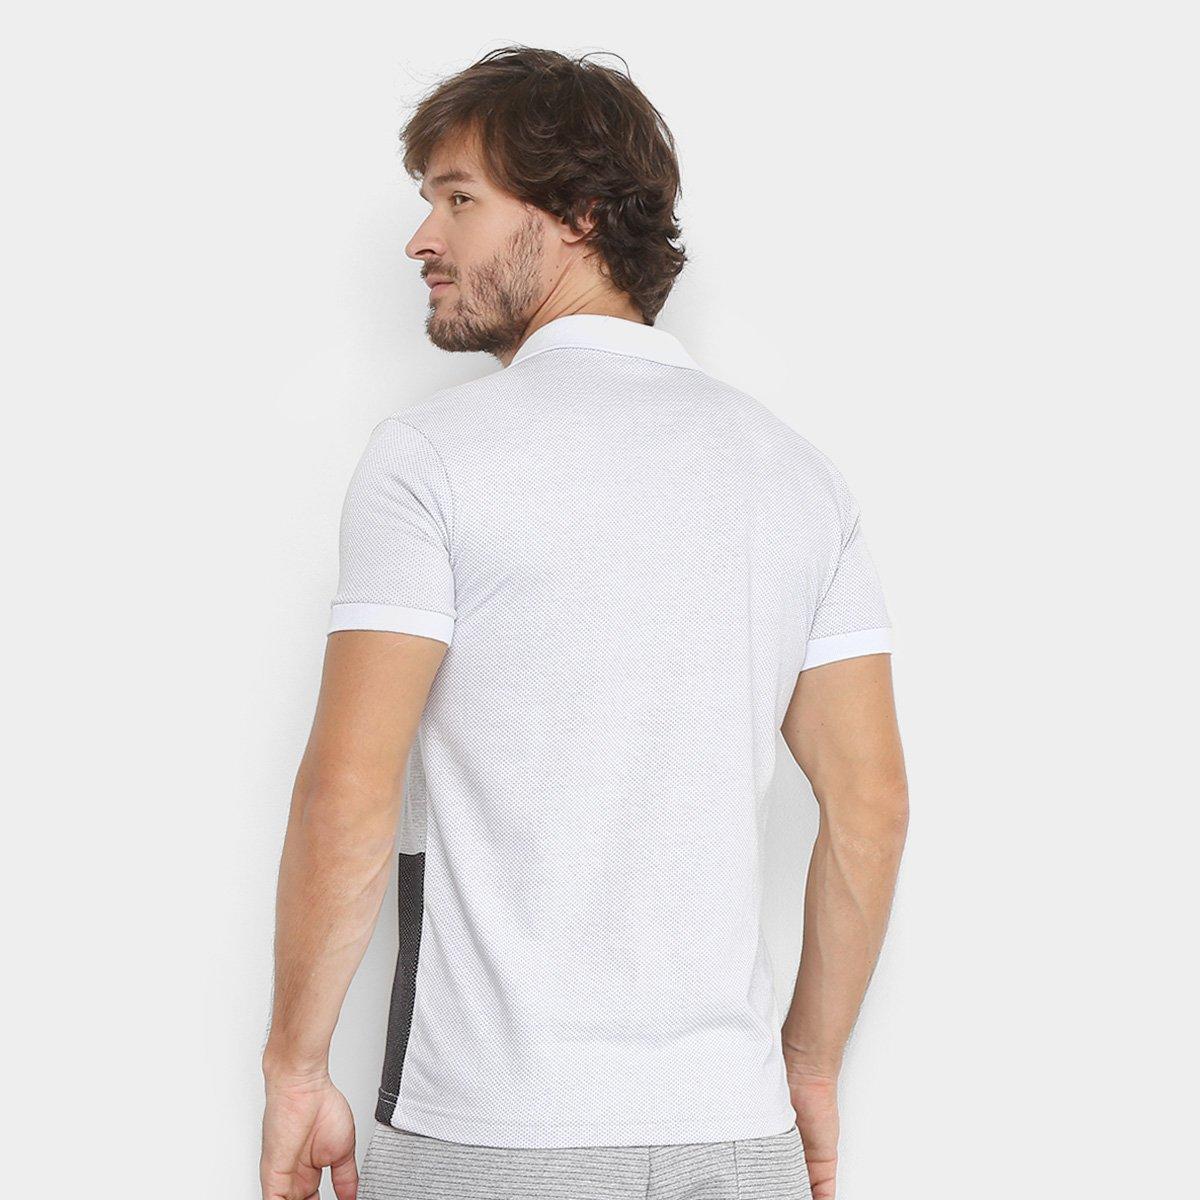 Foto 2 - Camisa Polo RG 518 Malha Pontilhada com Bolso Masculina